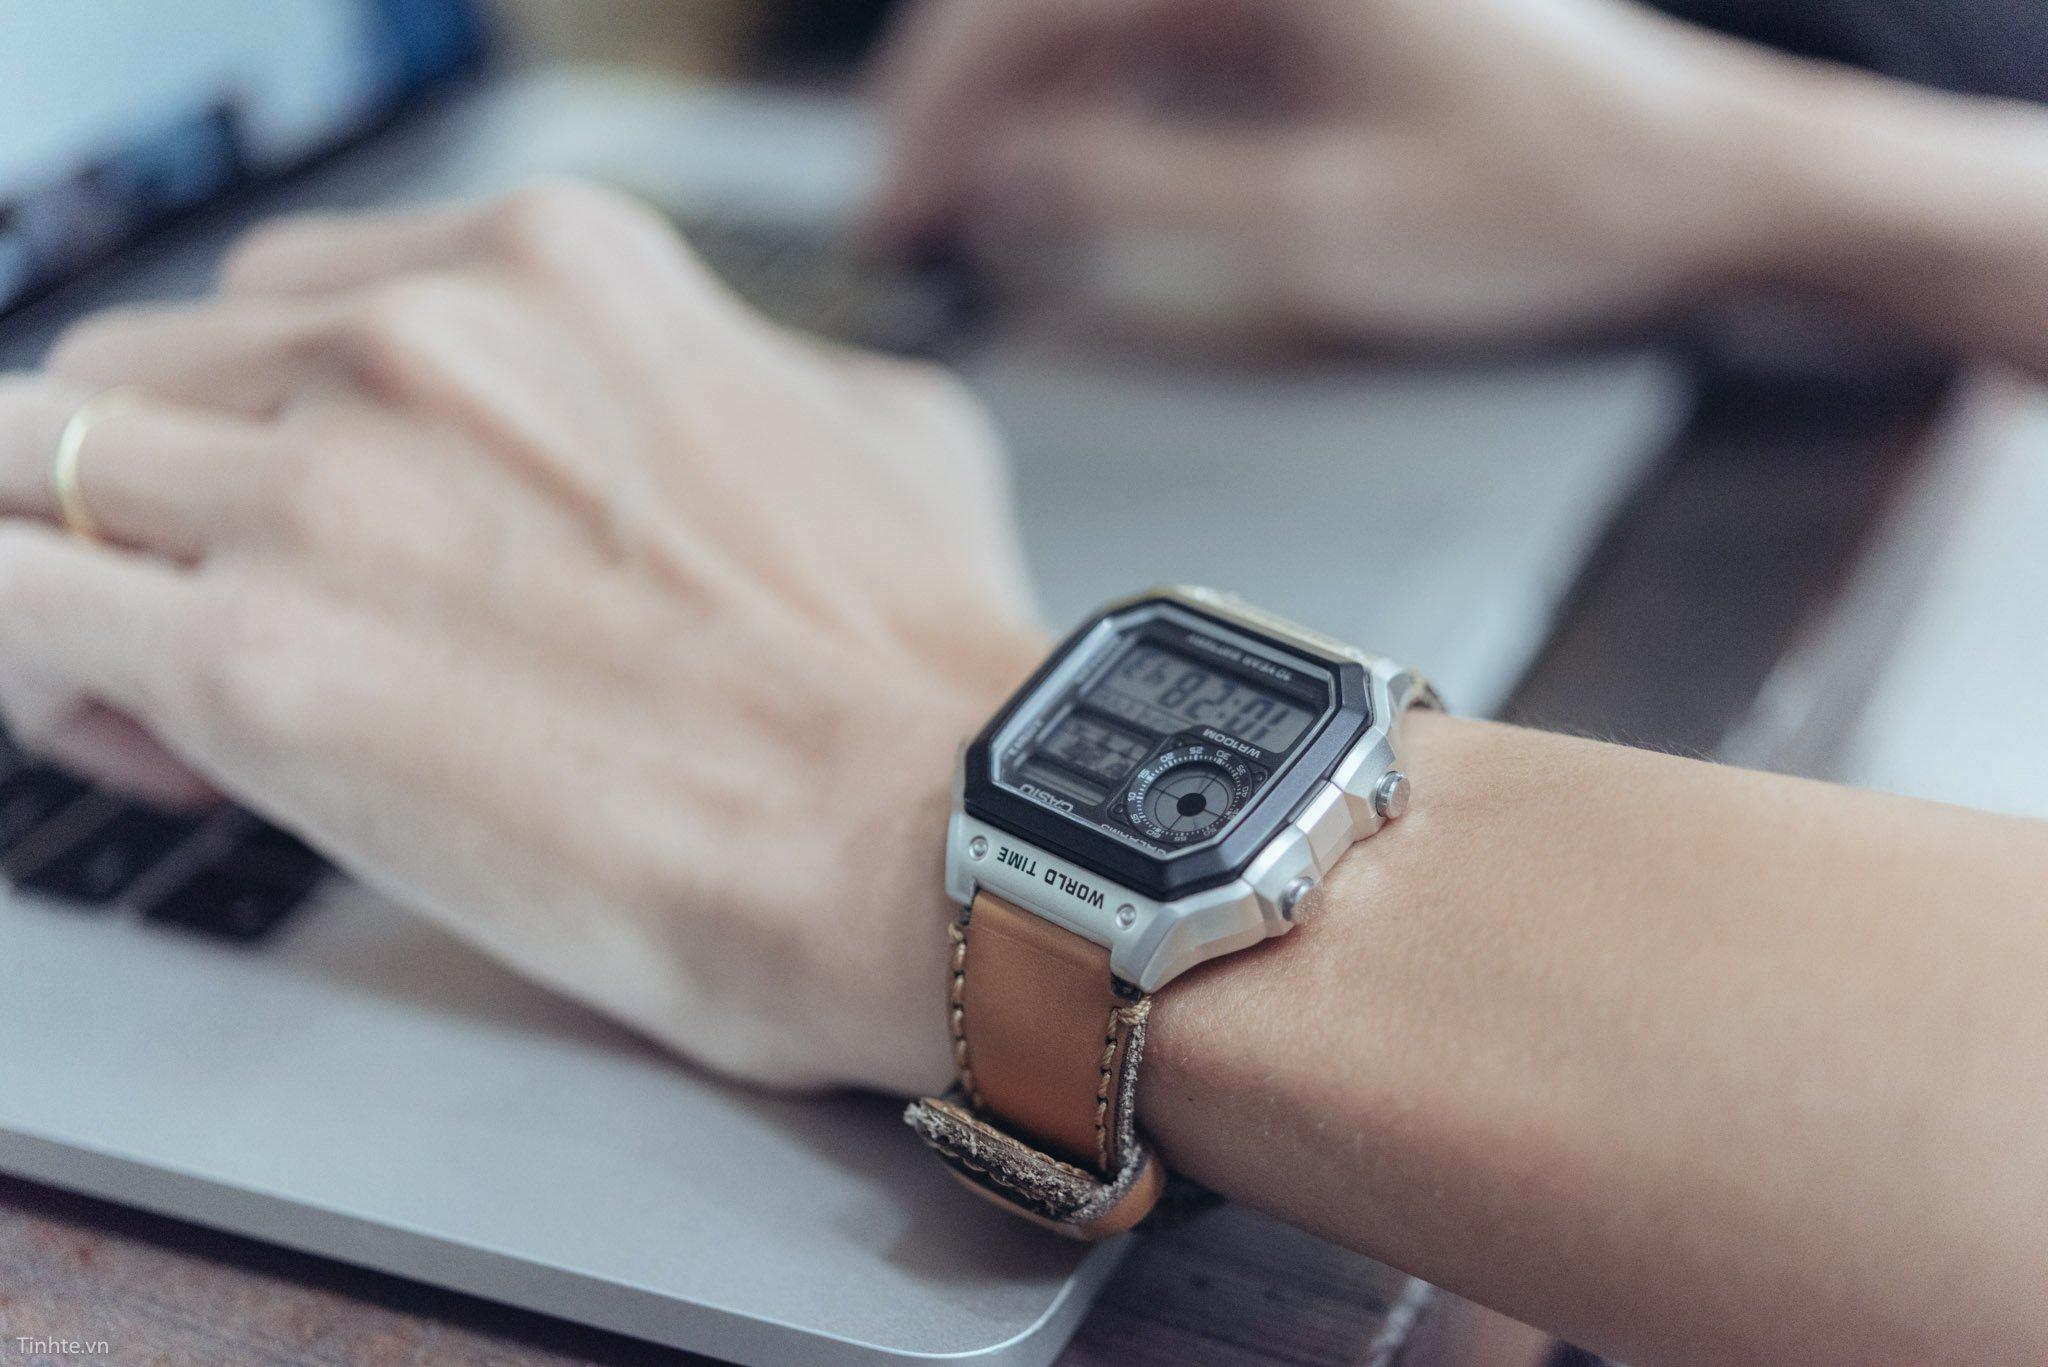 Tính năng của đồng hồ Casio AE1200WHD